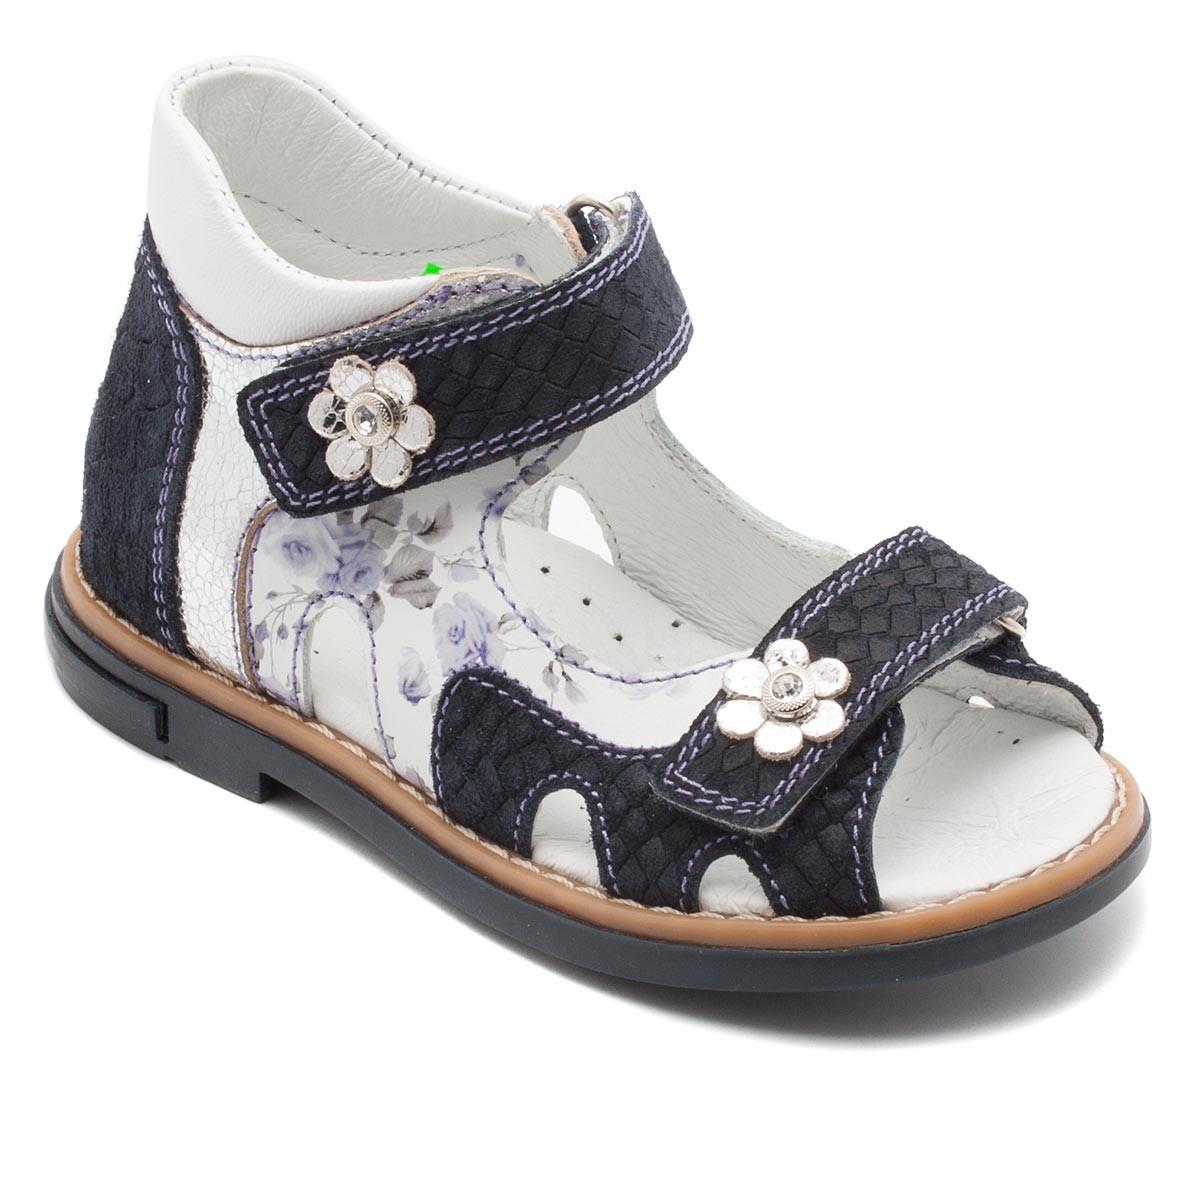 74eac8425 Летние ортопедические босоножки FS Сollection для девочки, размер 20-28 -  Детская обувь ORTOPEDIC